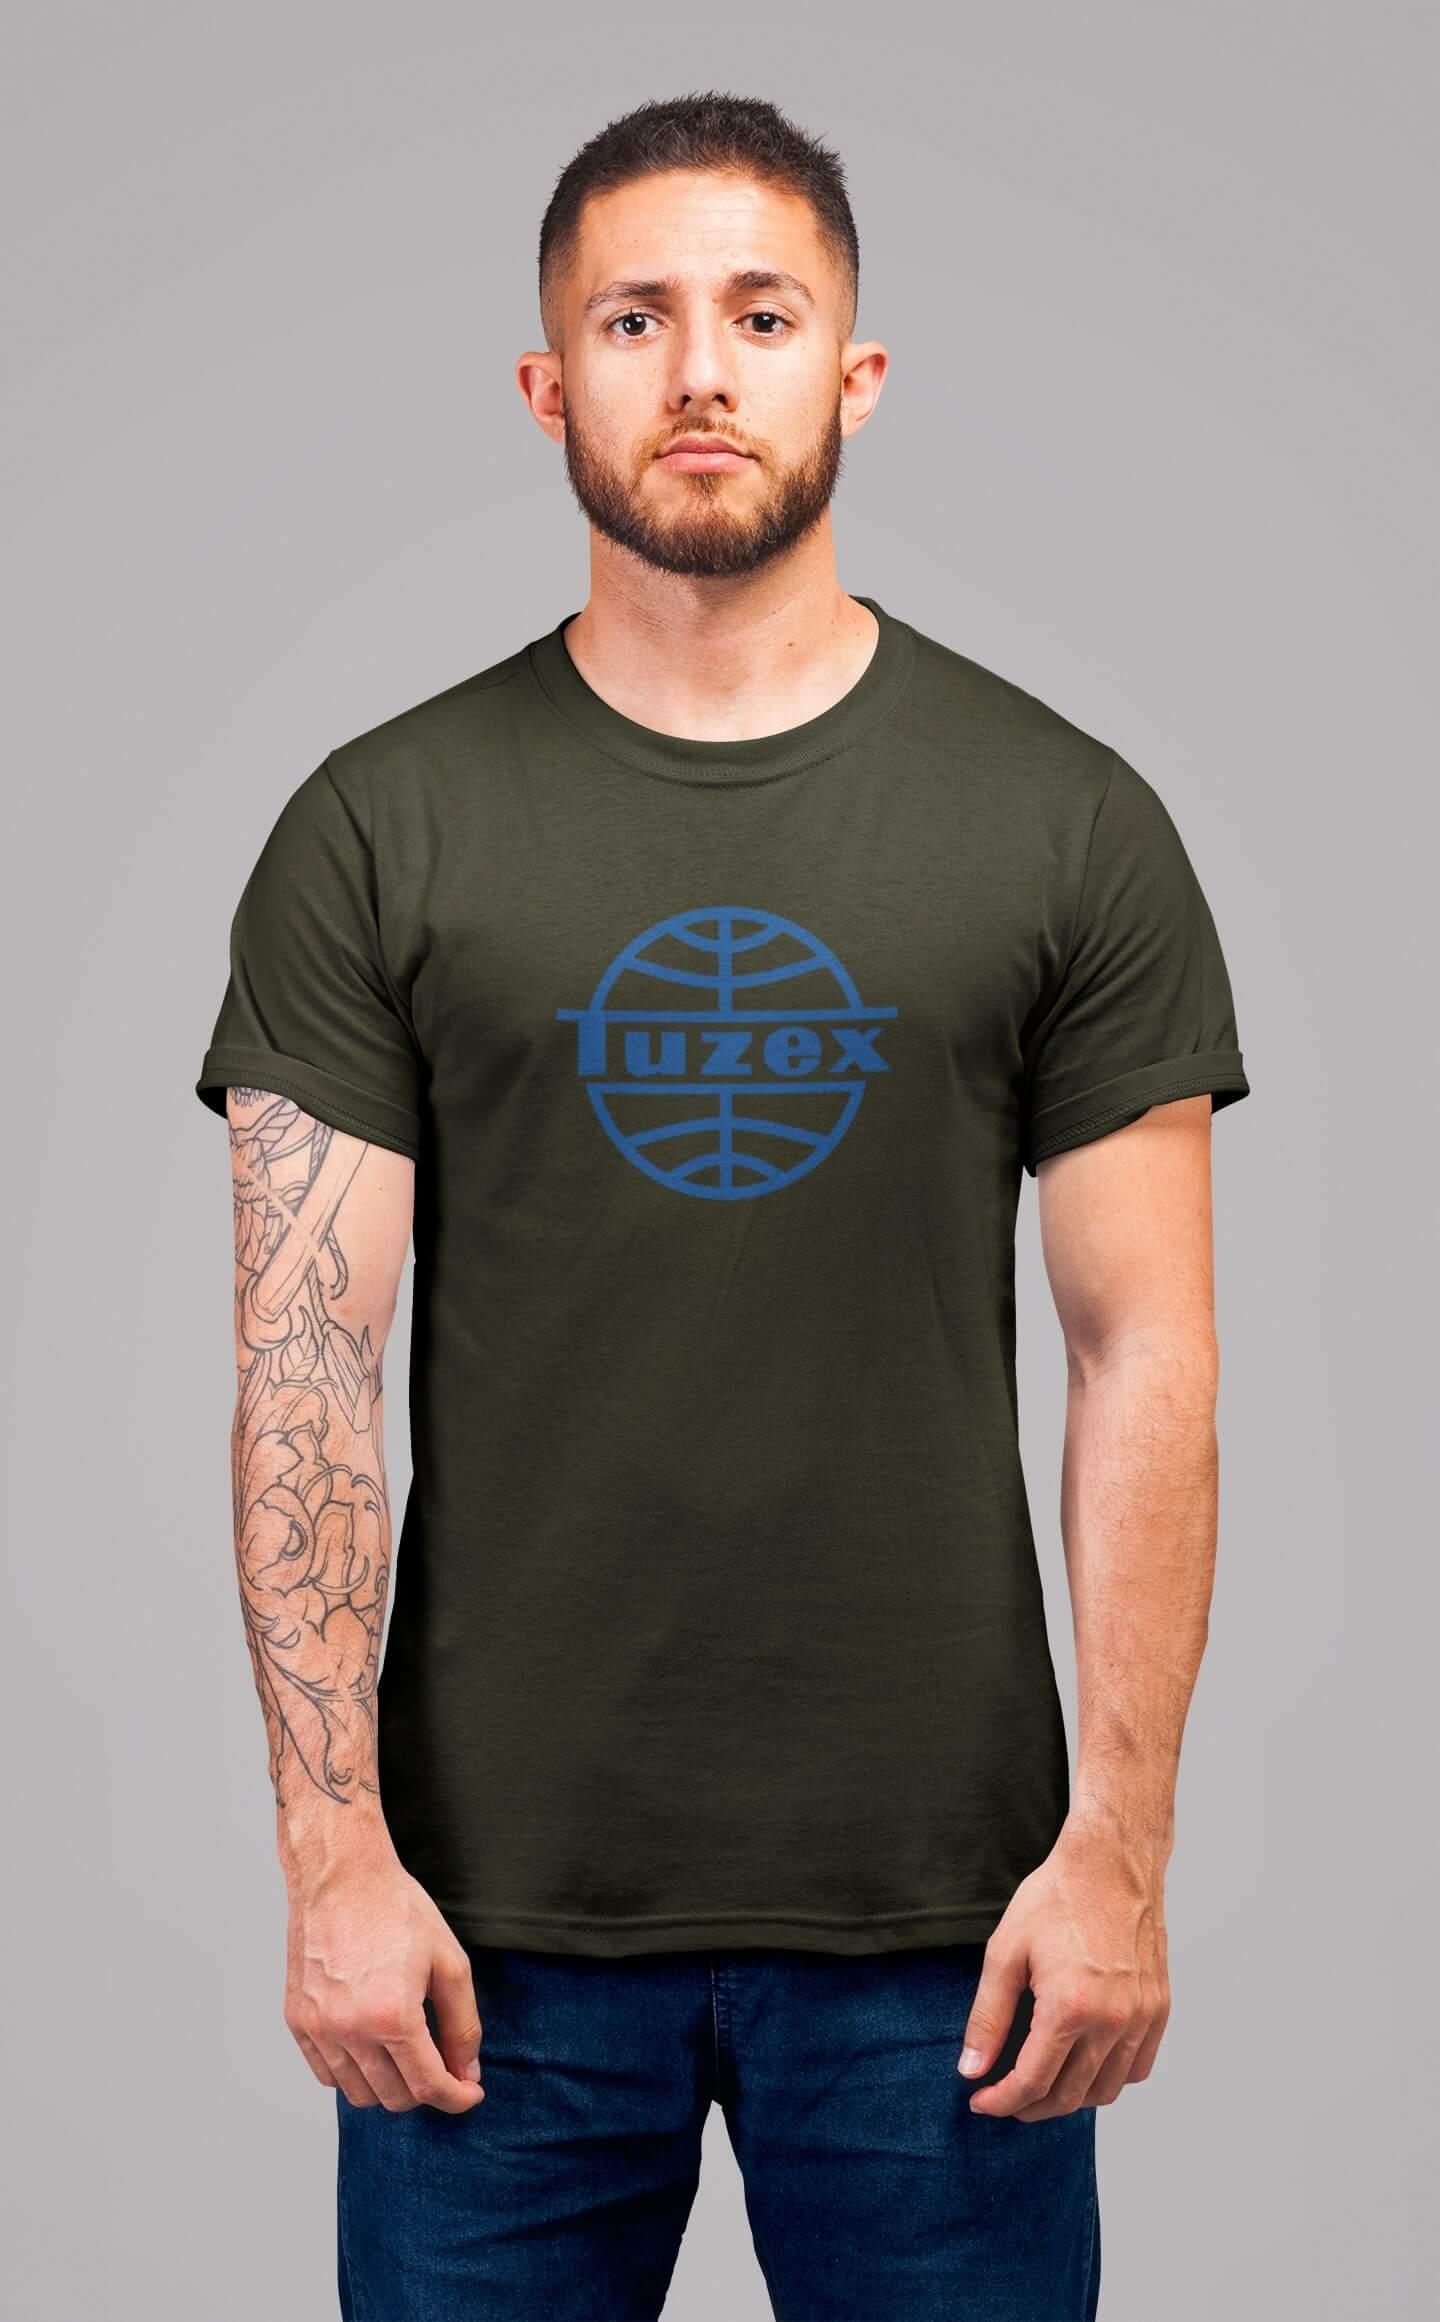 MMO Pánske tričko TUZEX Vyberte farbu: Military, Vyberte veľkosť: XS